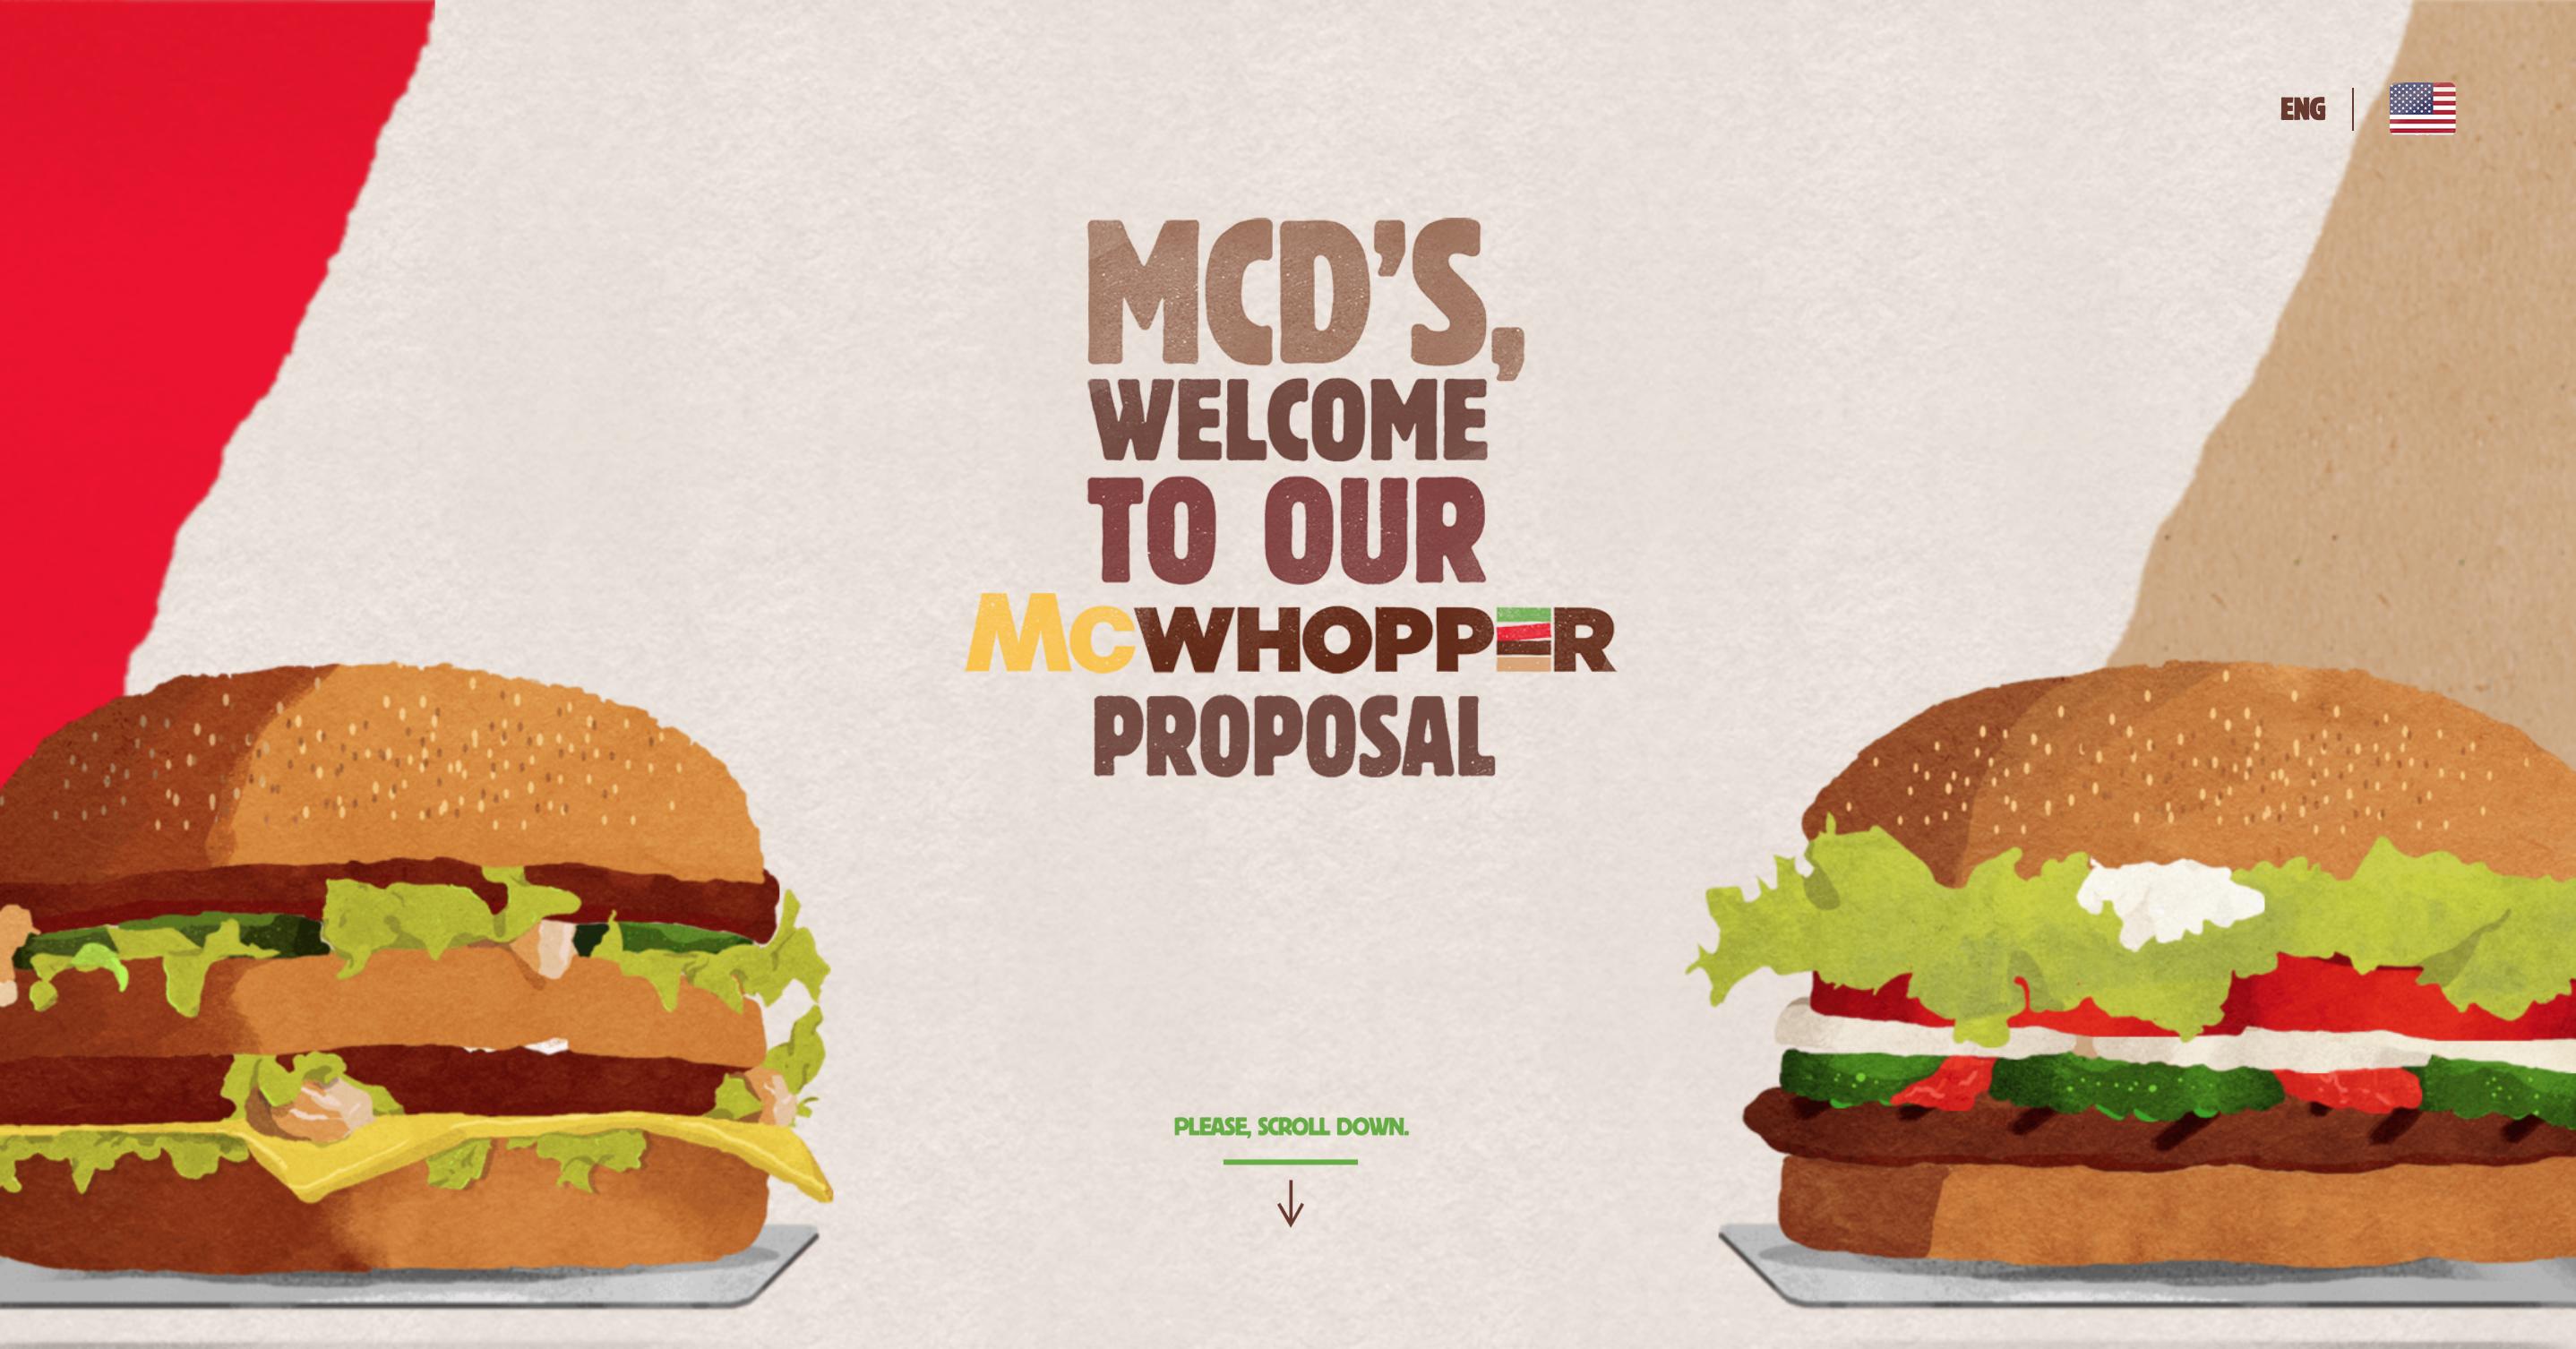 mcwhopper.com: